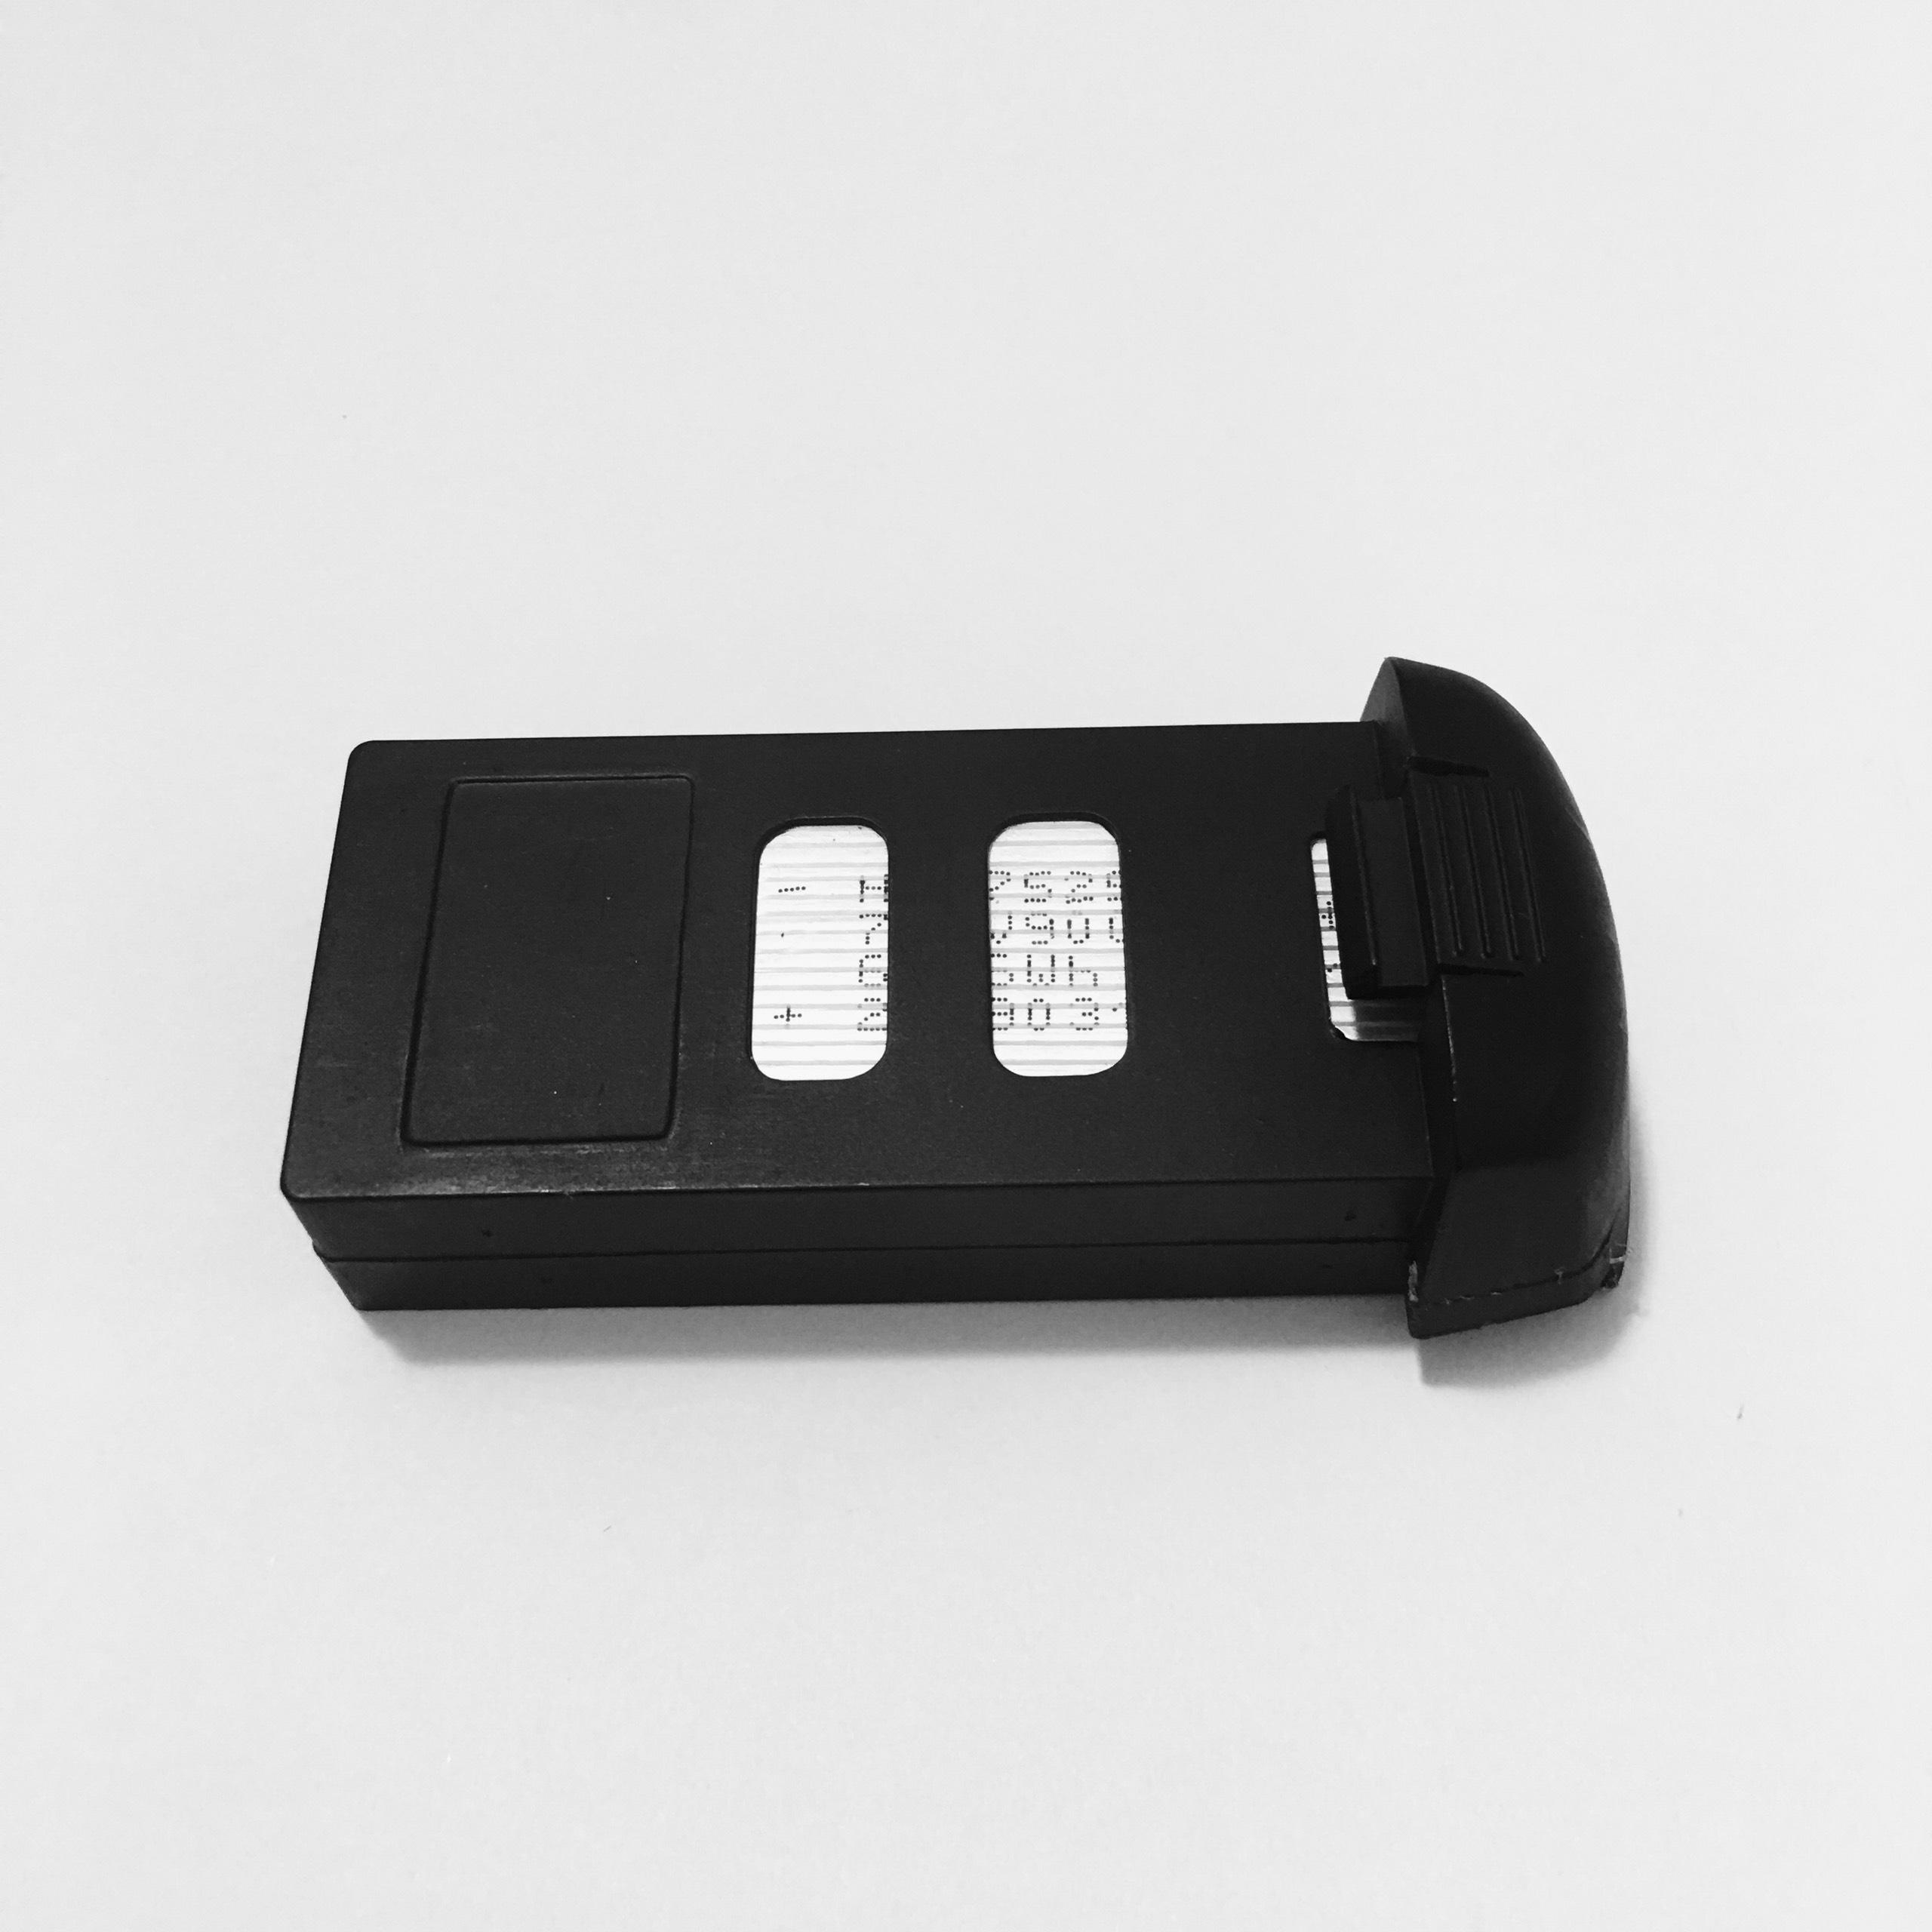 Pin dự phòng cho Flycam bốn trục S30 thông minh